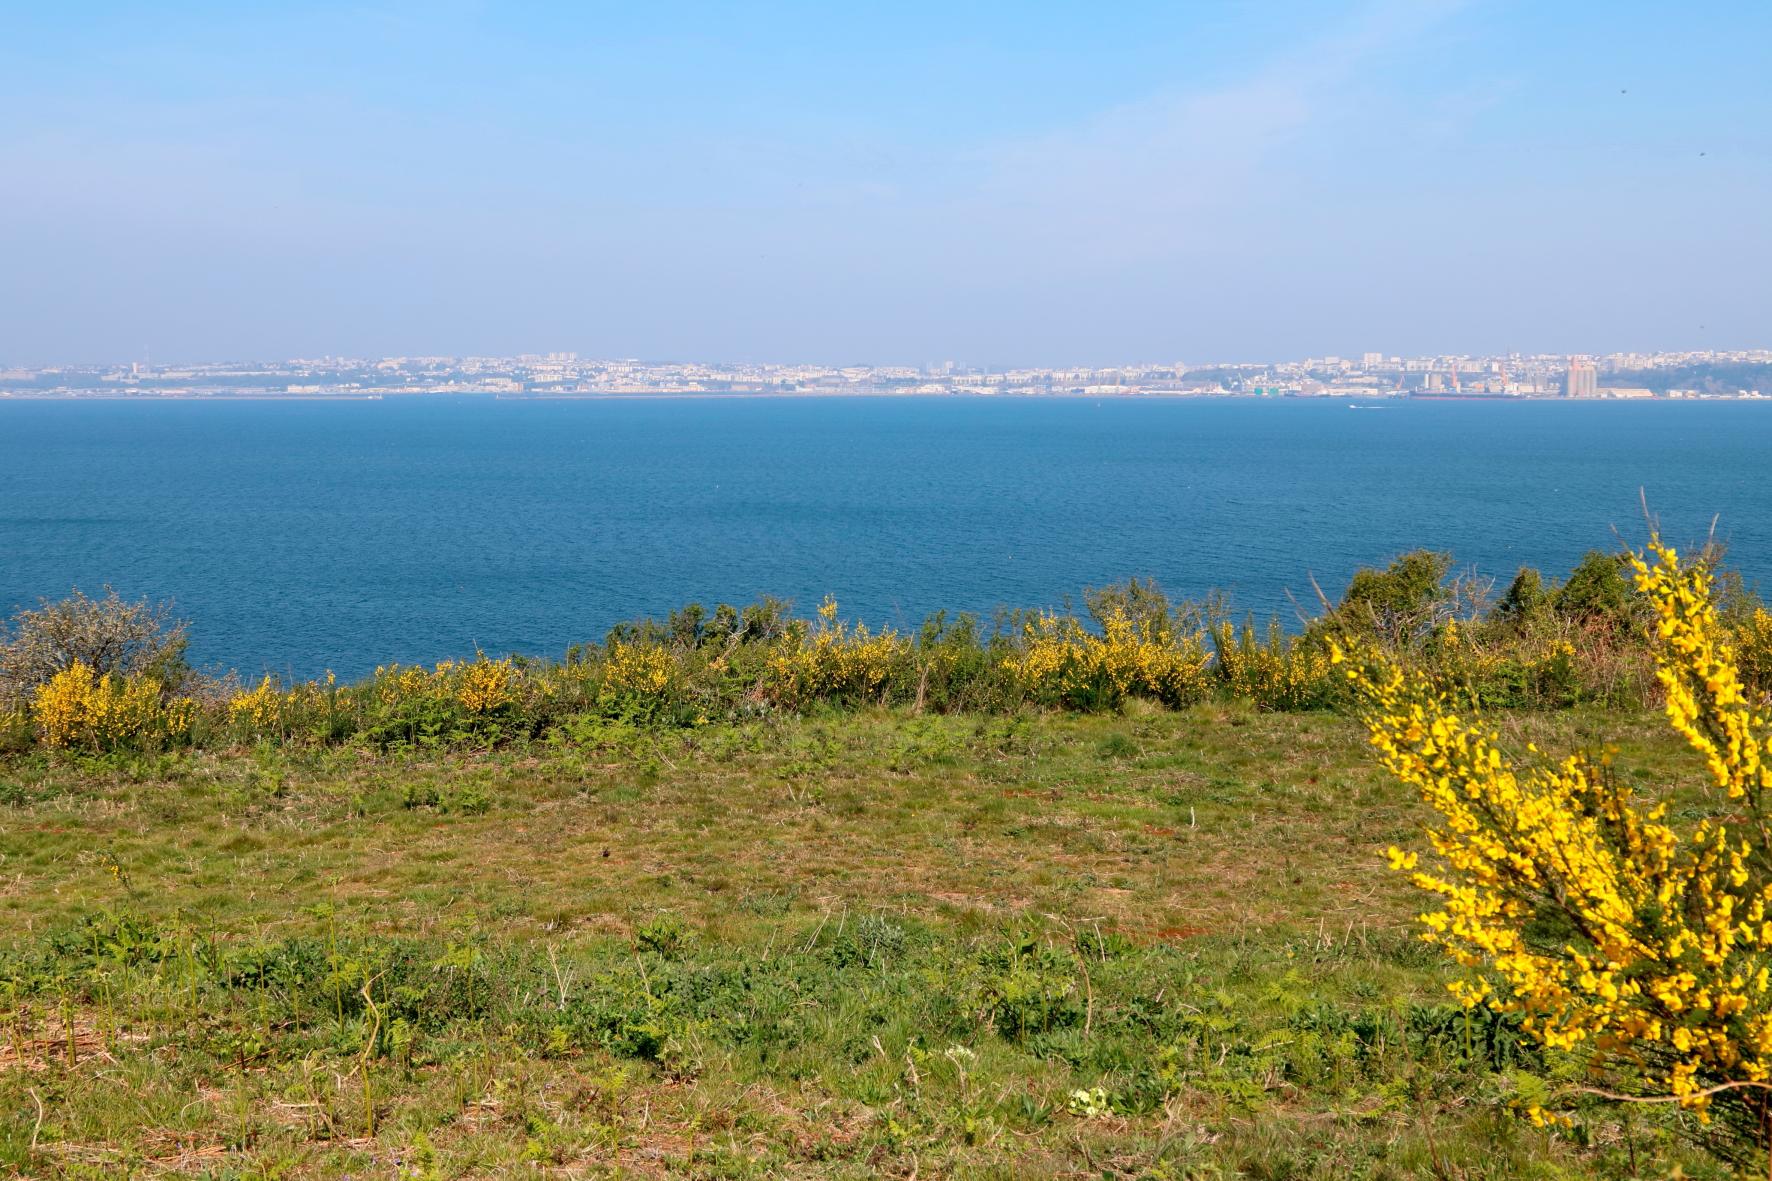 Pointe-Corbeau-22-04-165-panorama-